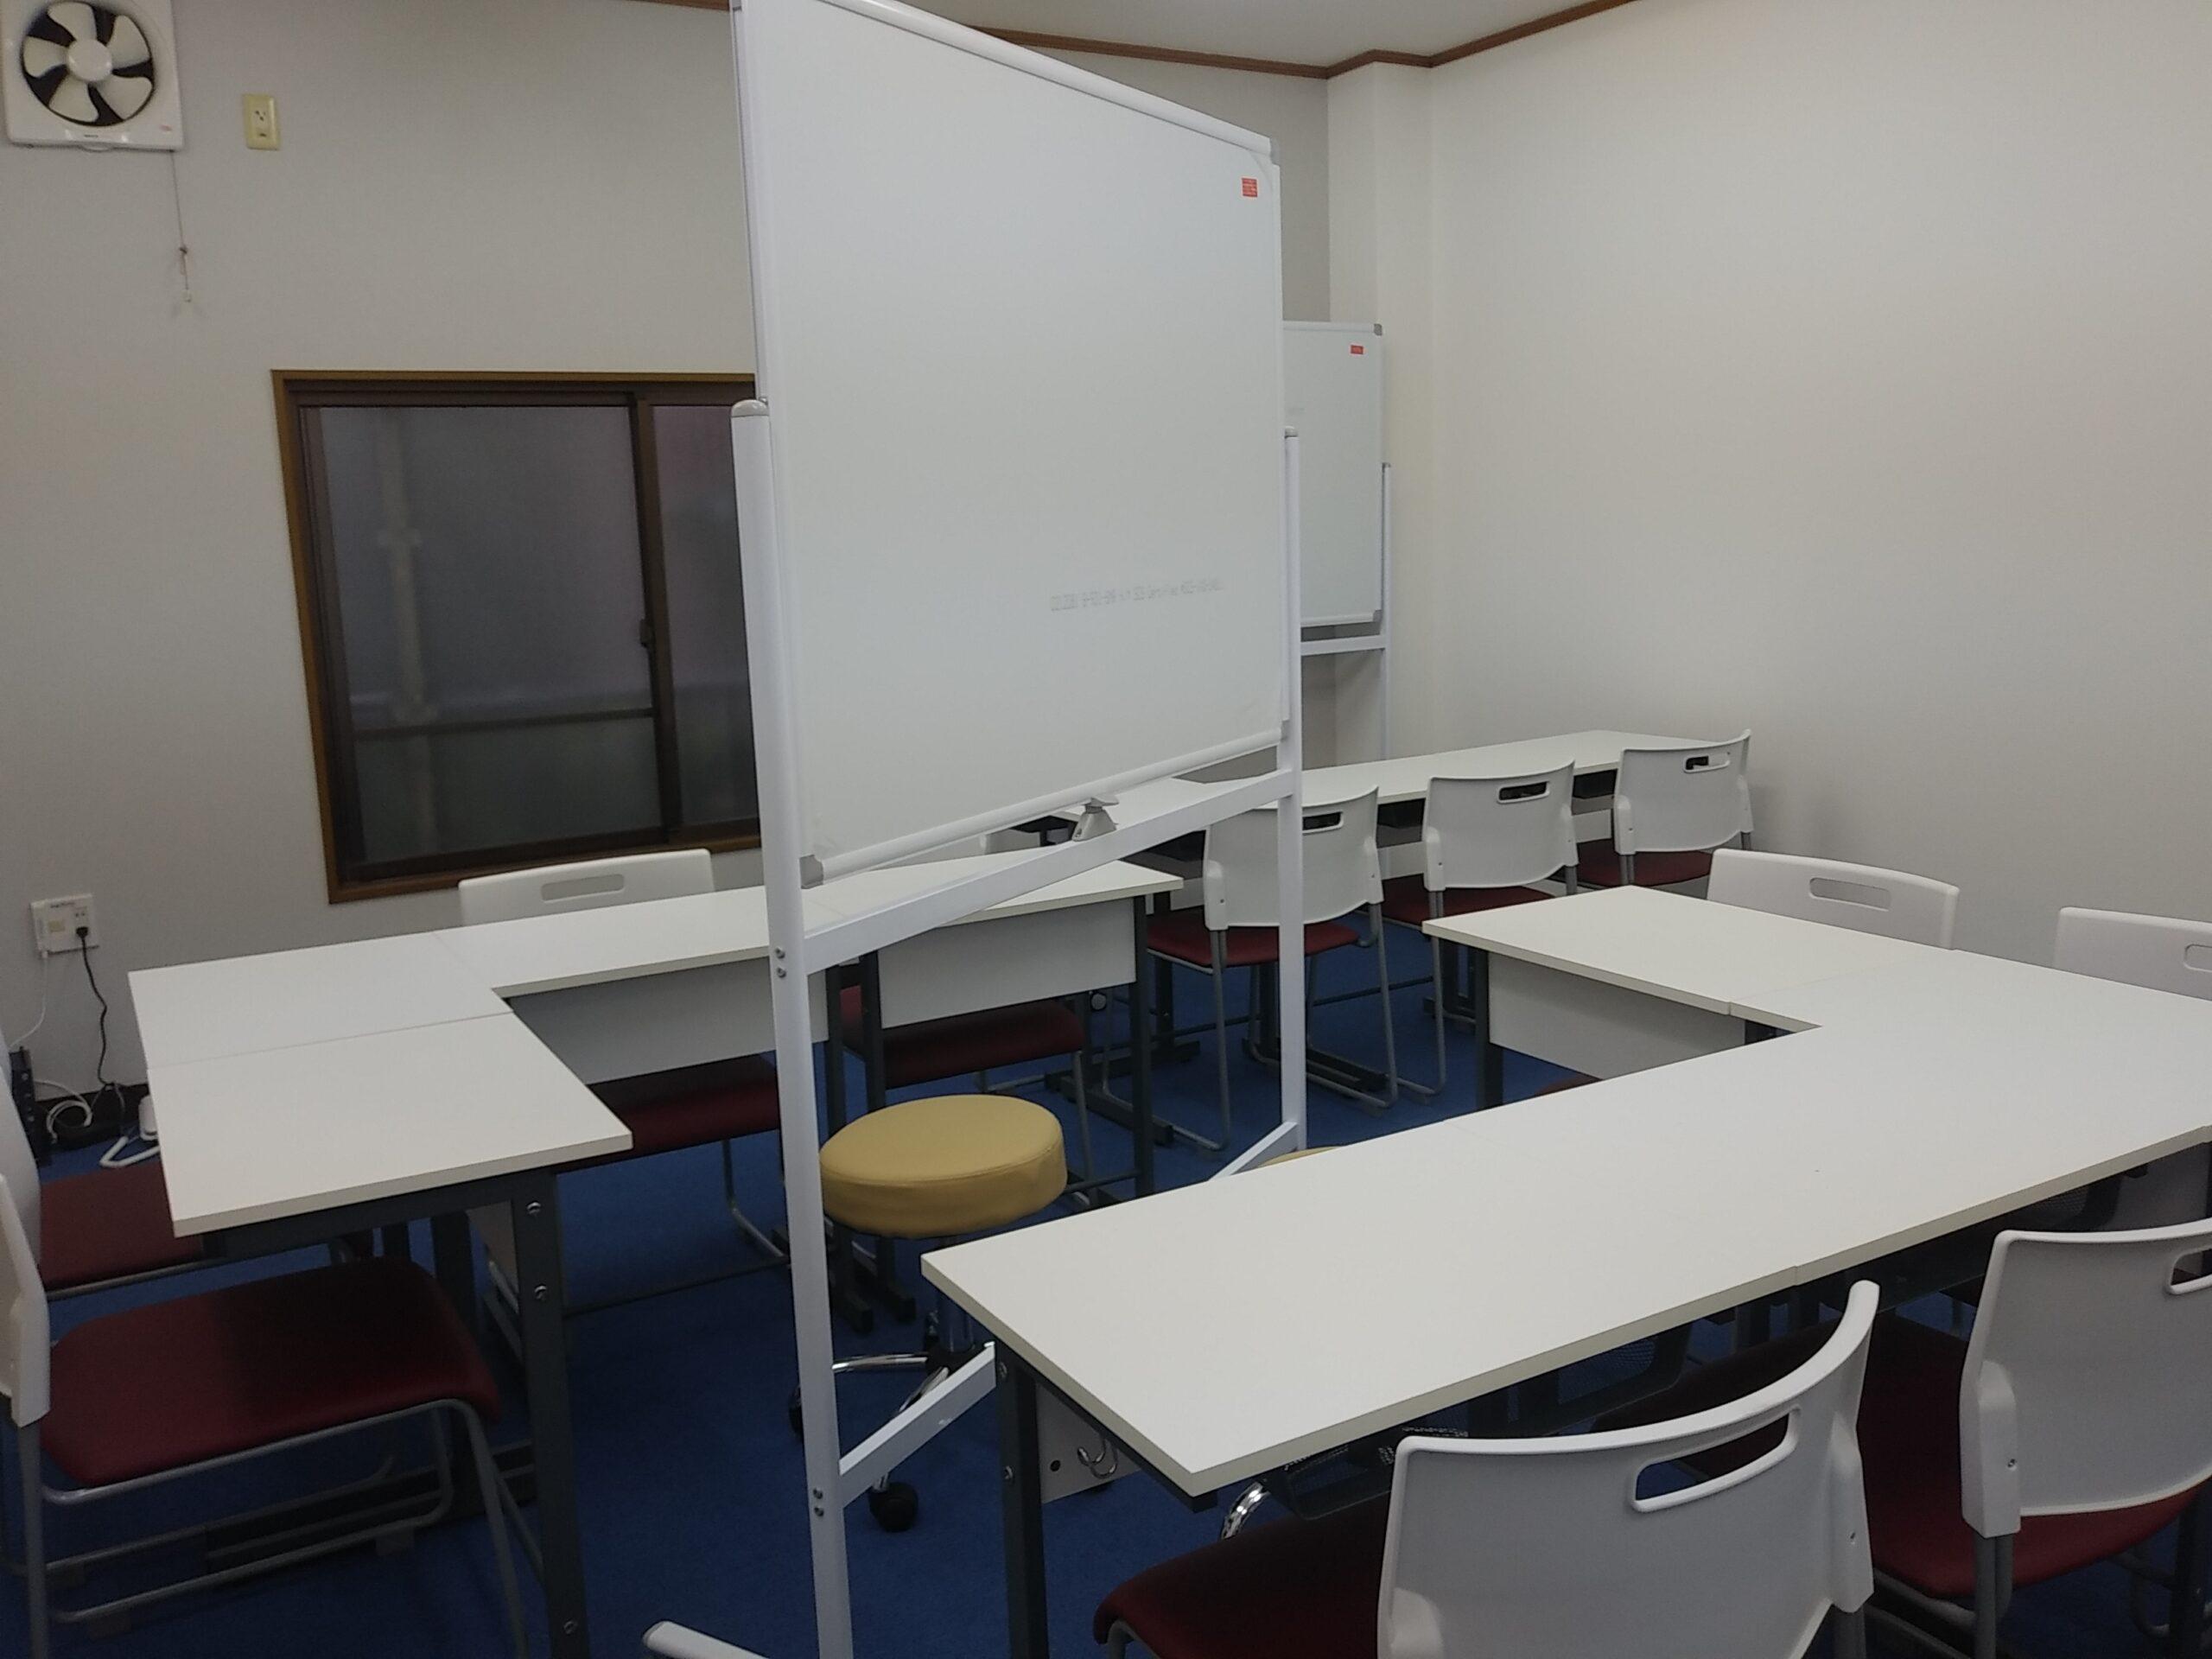 椅子 机 内装 塾 教室